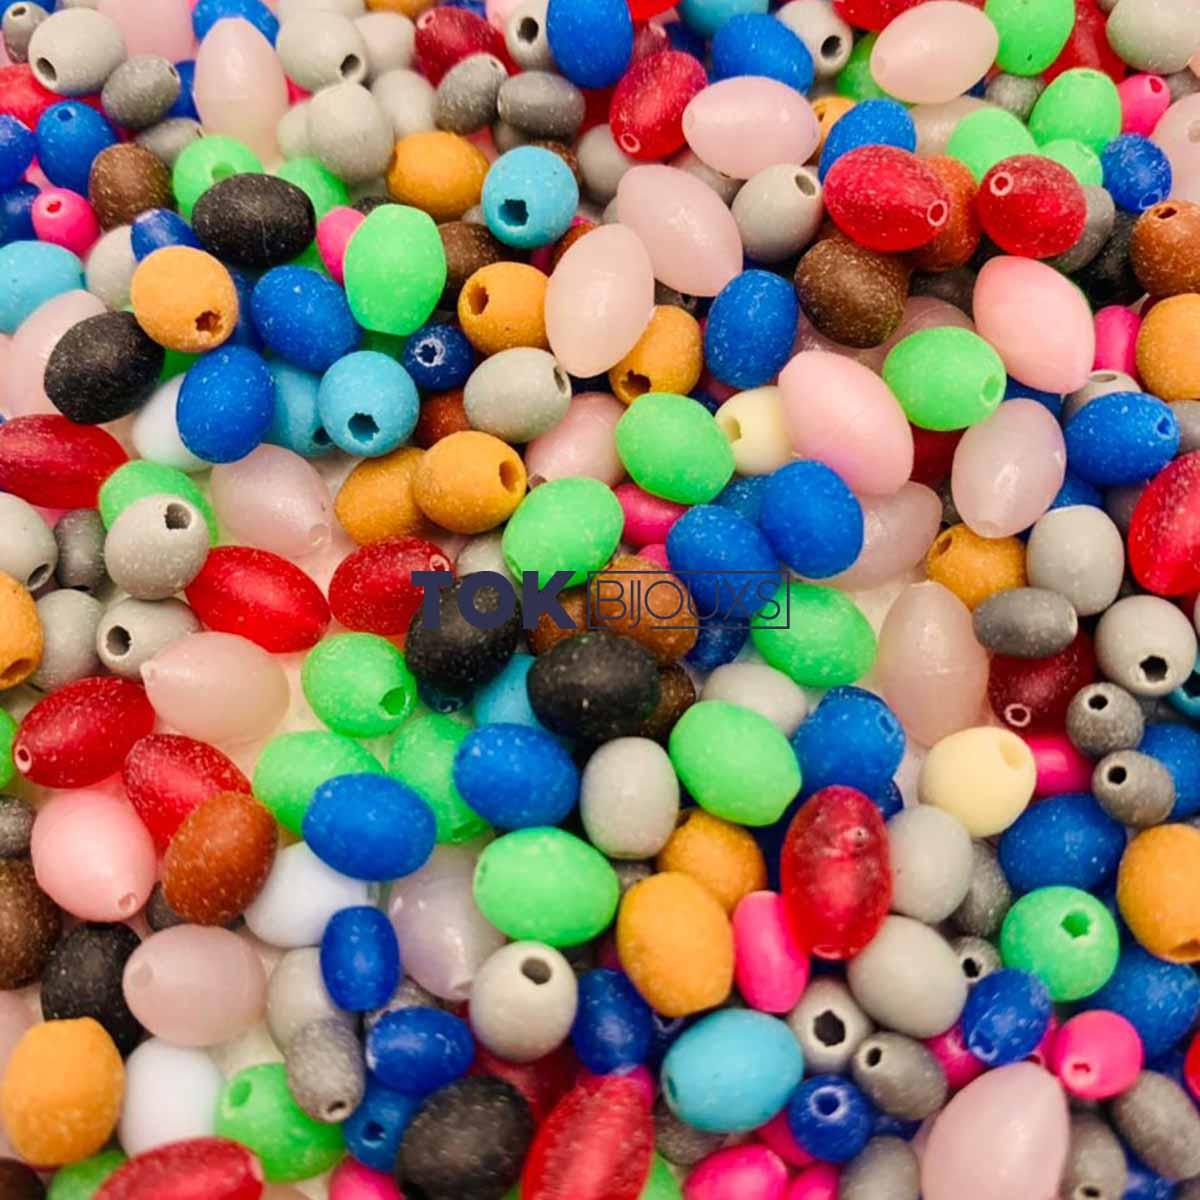 Miçangas Sortidas - Arrozinho - Colorido - 250g